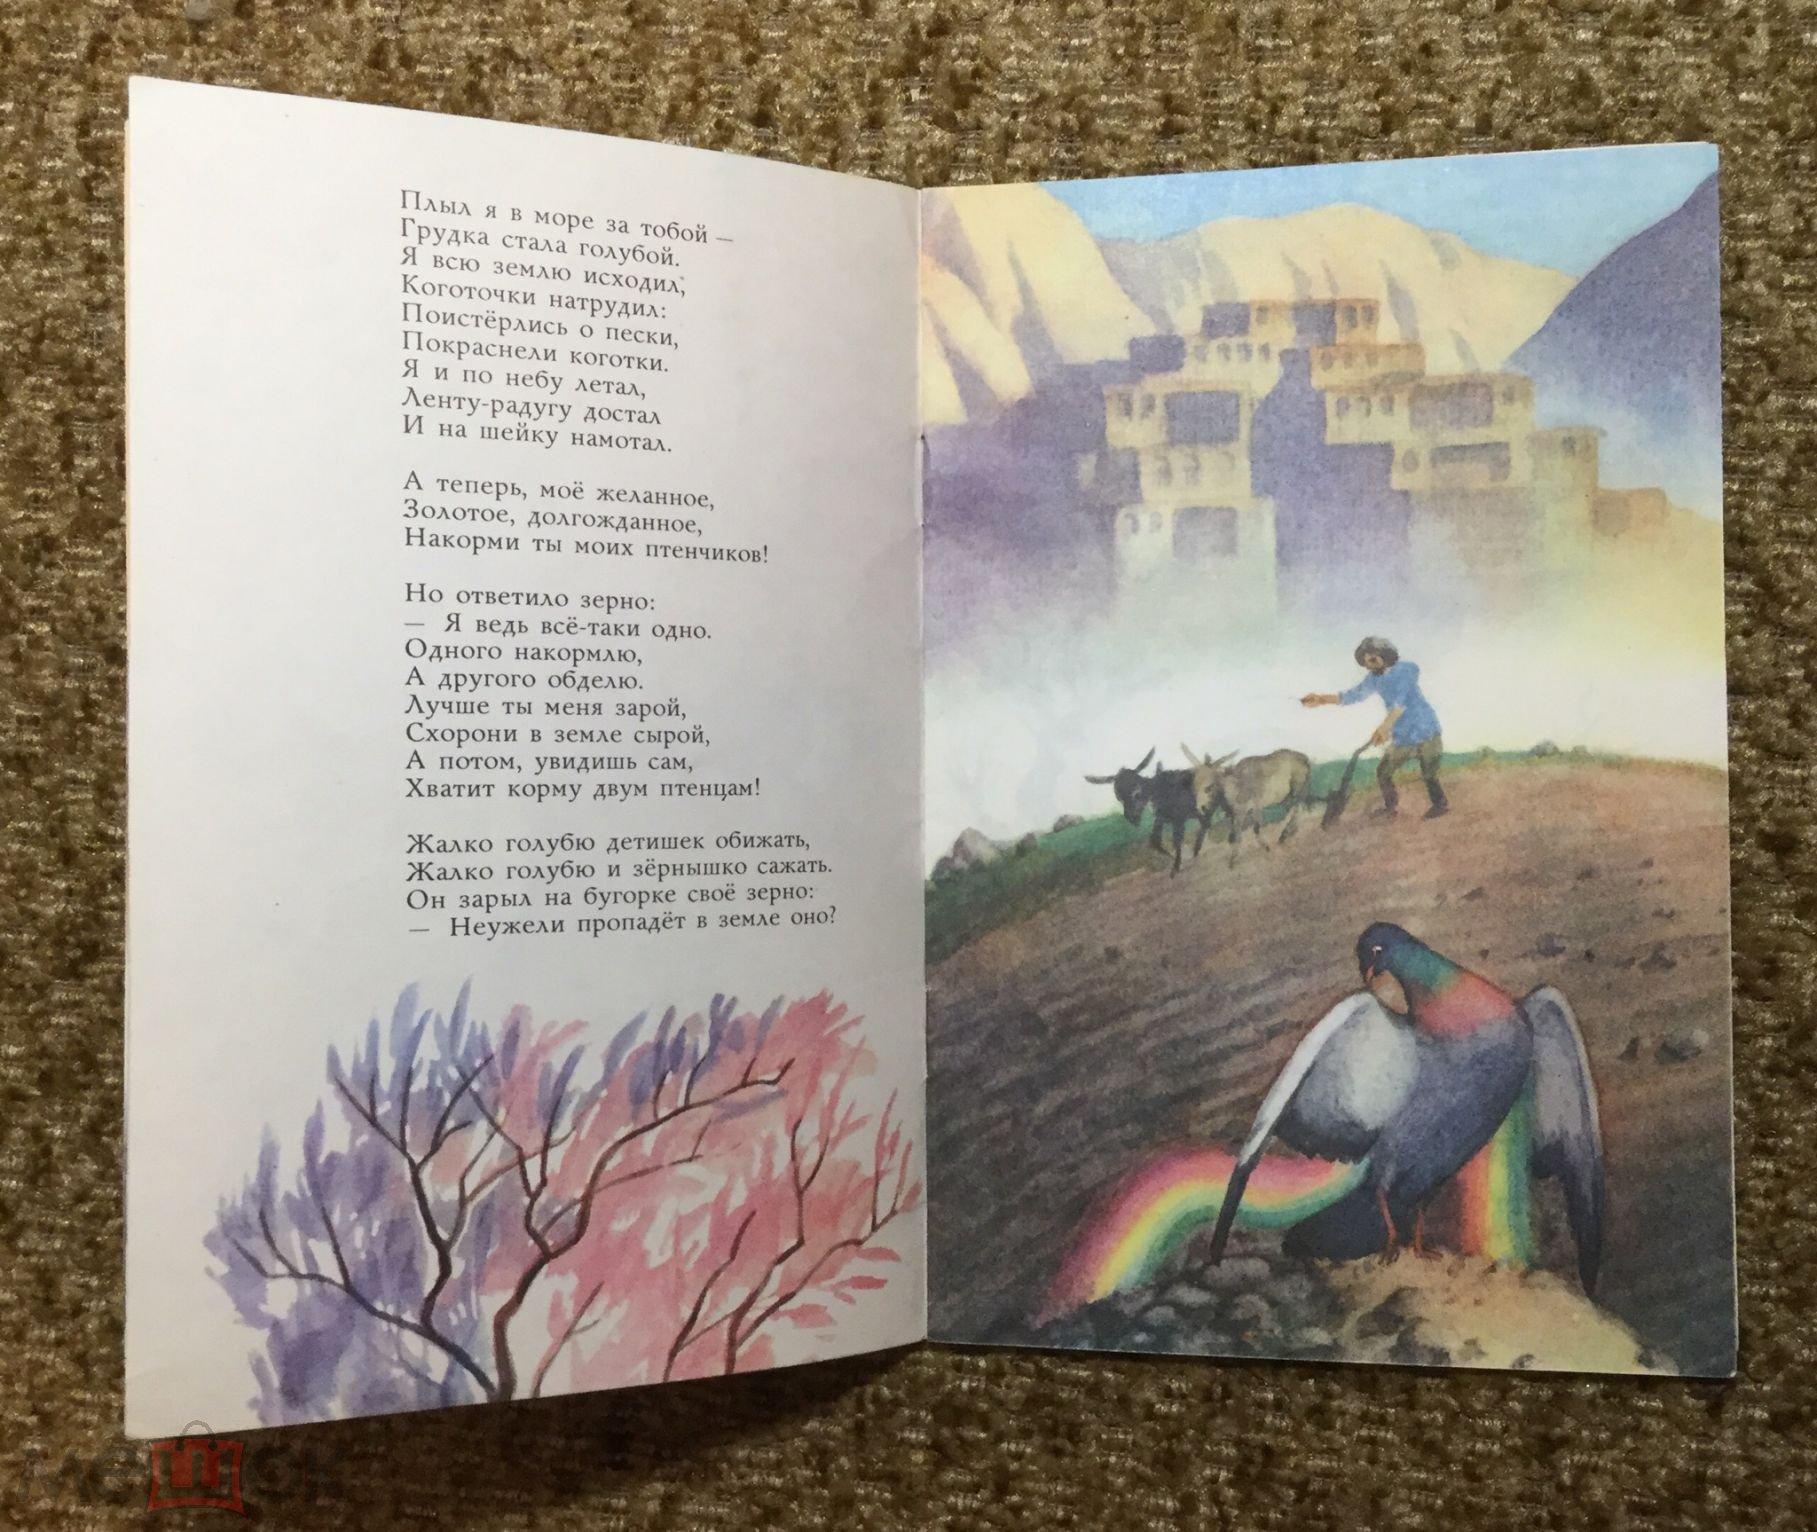 Книга Н.Юсупов. Голубь и пшеничное зерно. 1988 г.